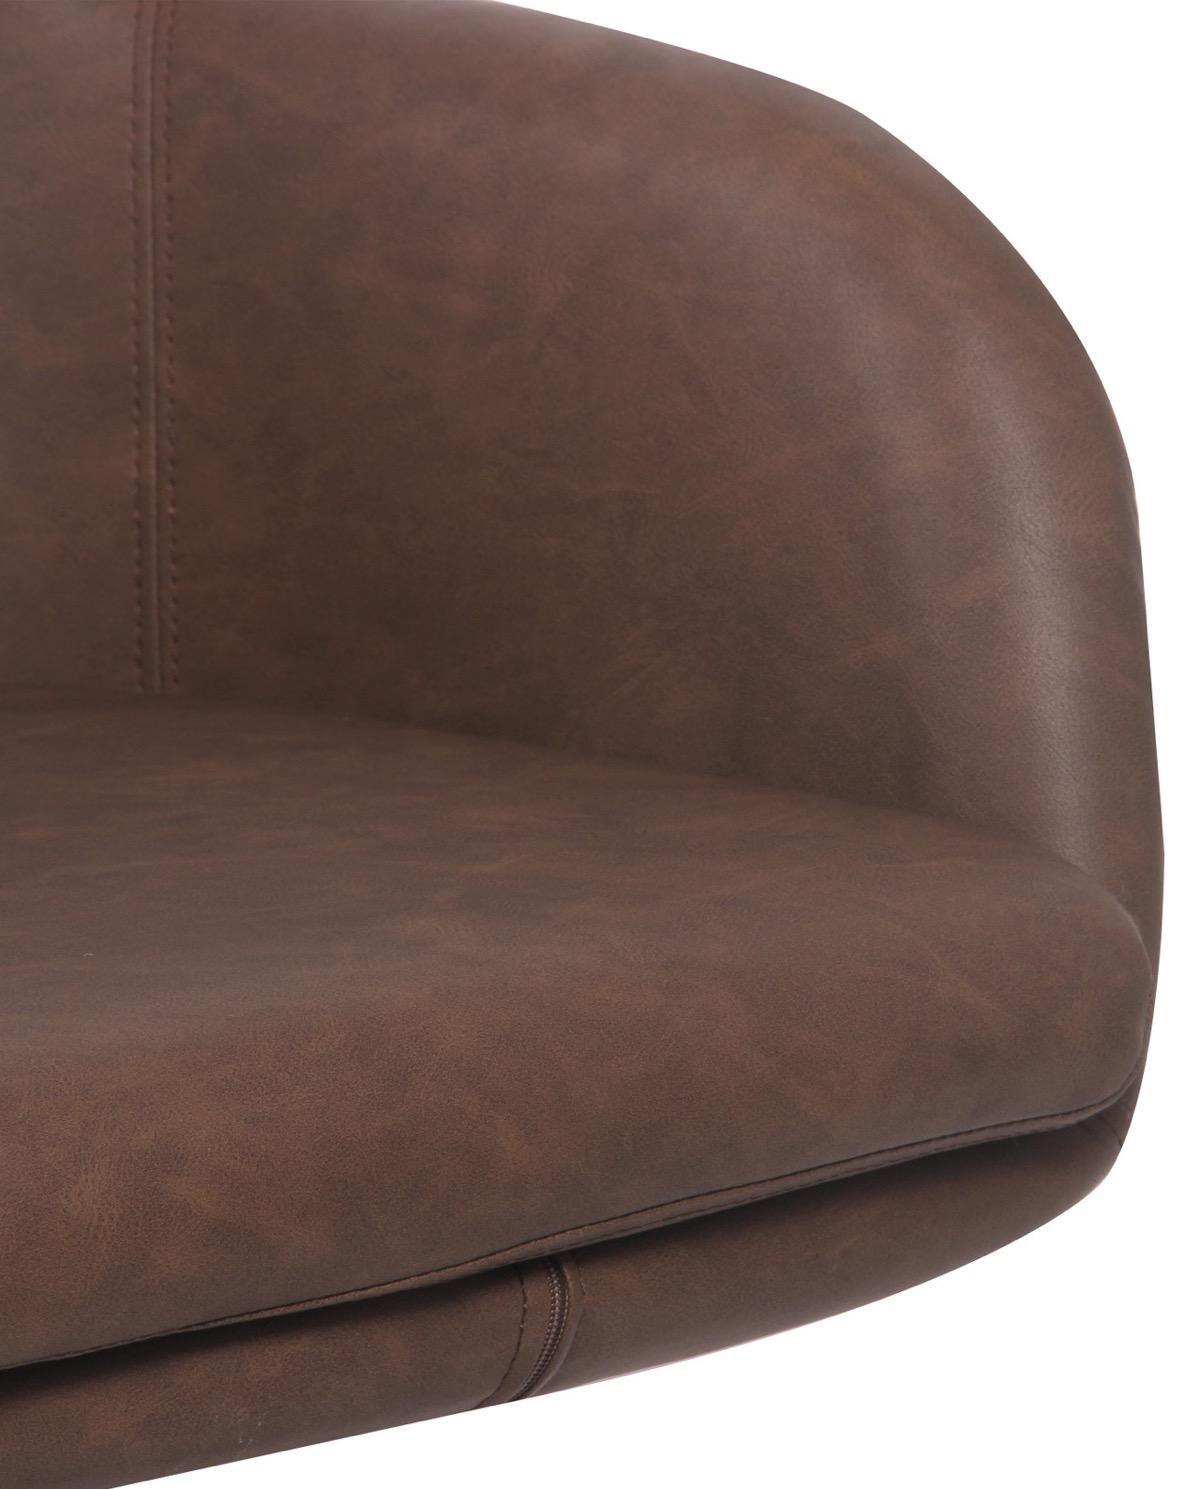 Design De Chaise De Cab Bureau Cab Chaise Bureau PZiOXku